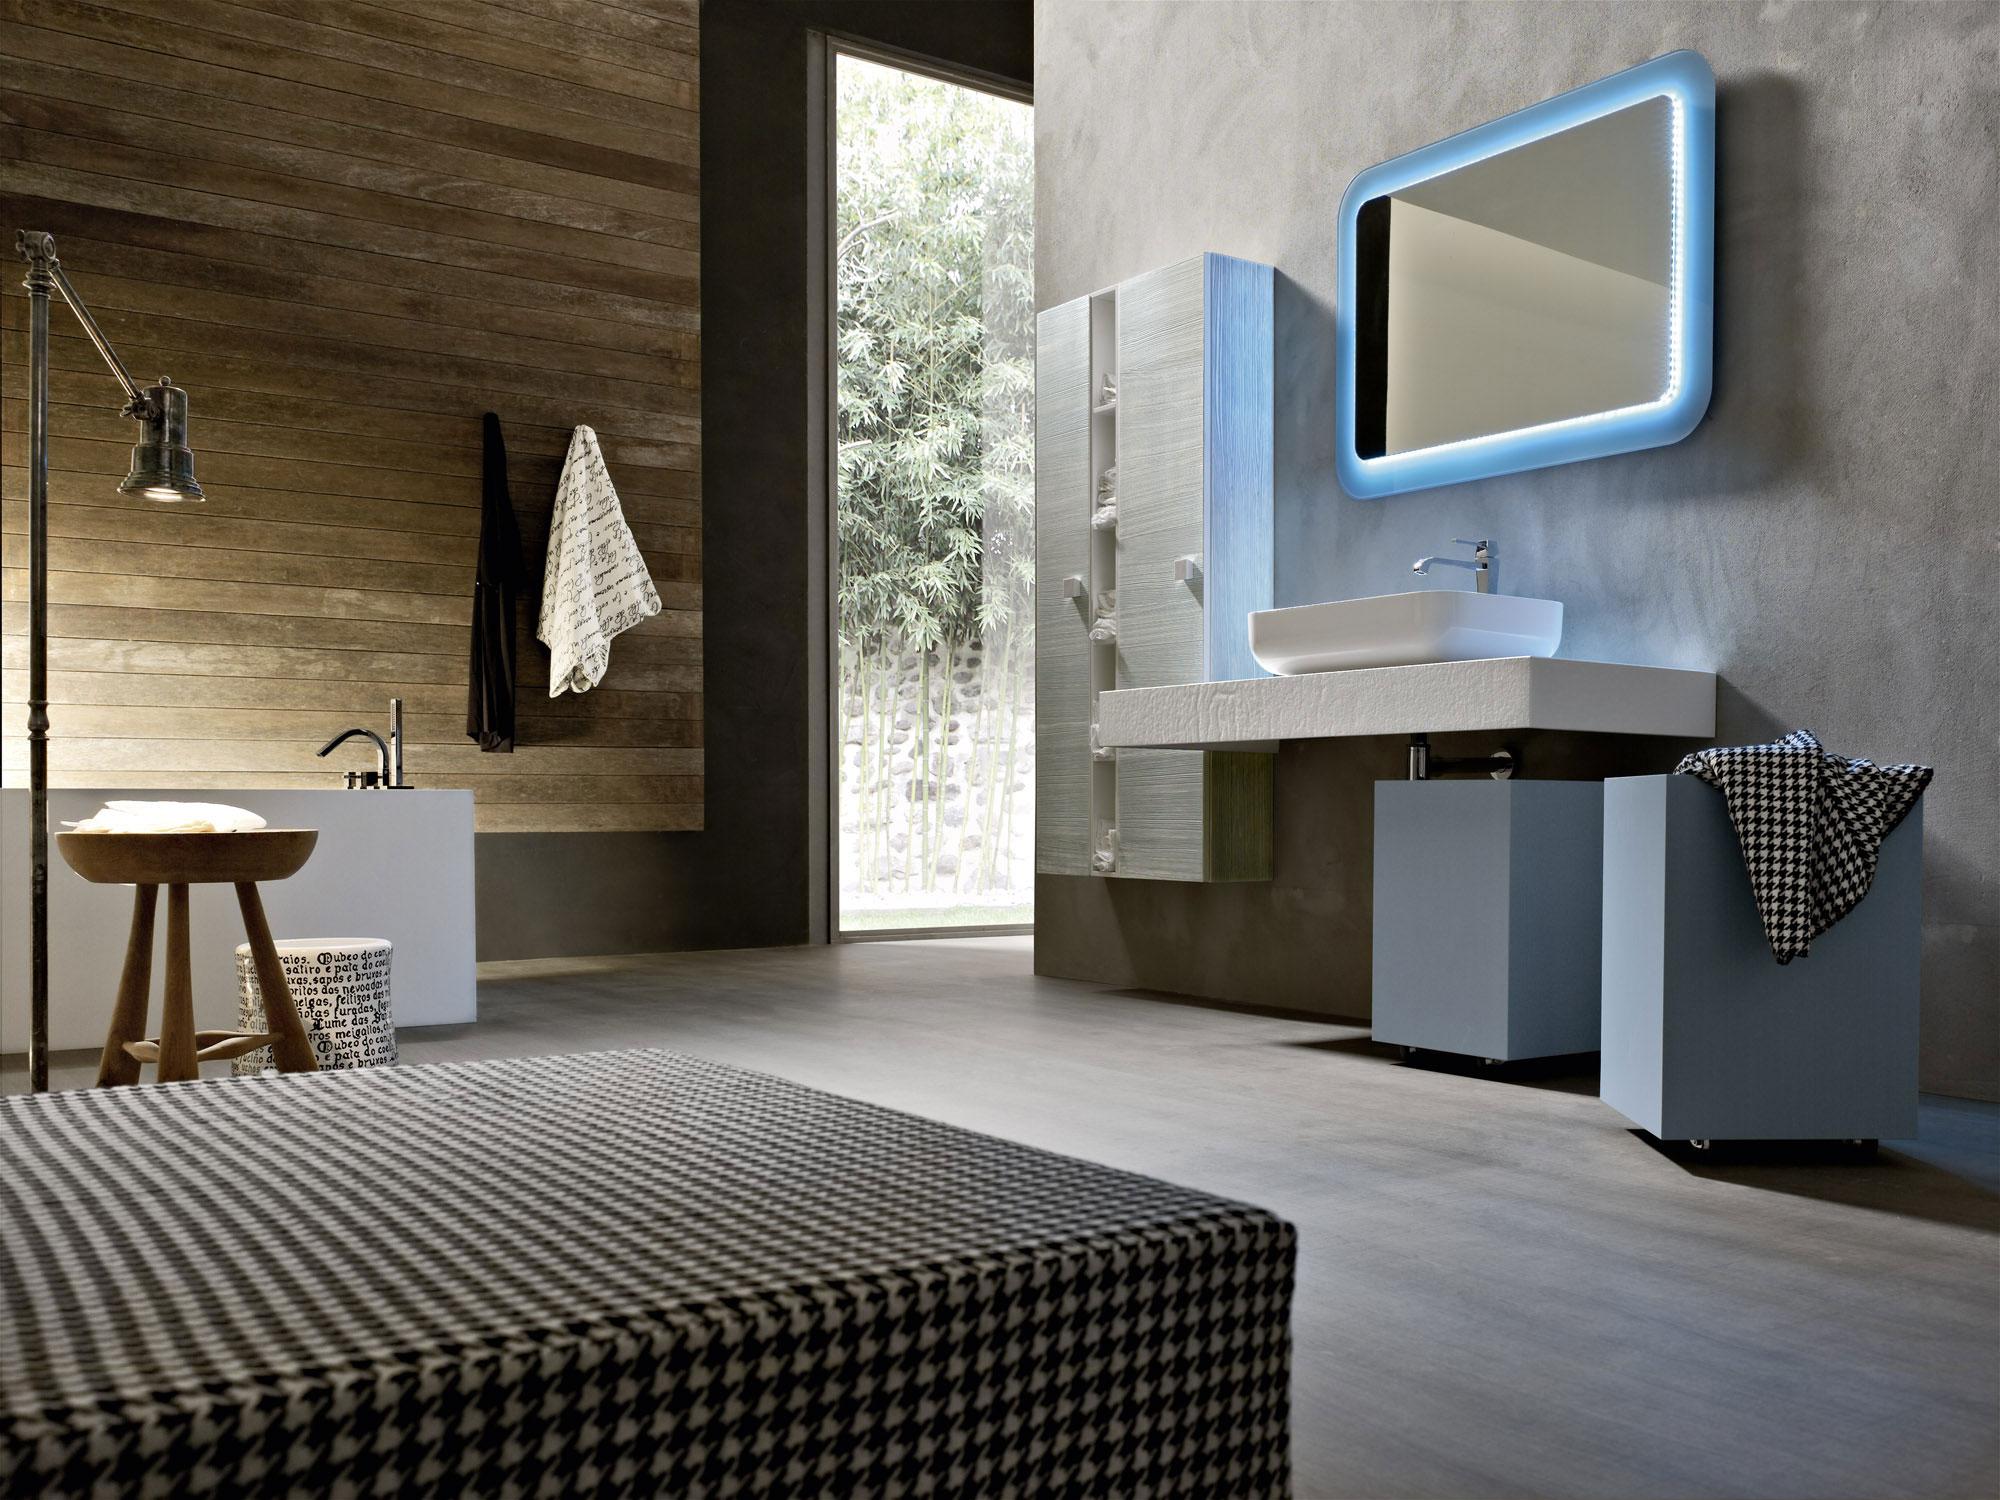 Mobili bagno jolly ~ avienix.com for .